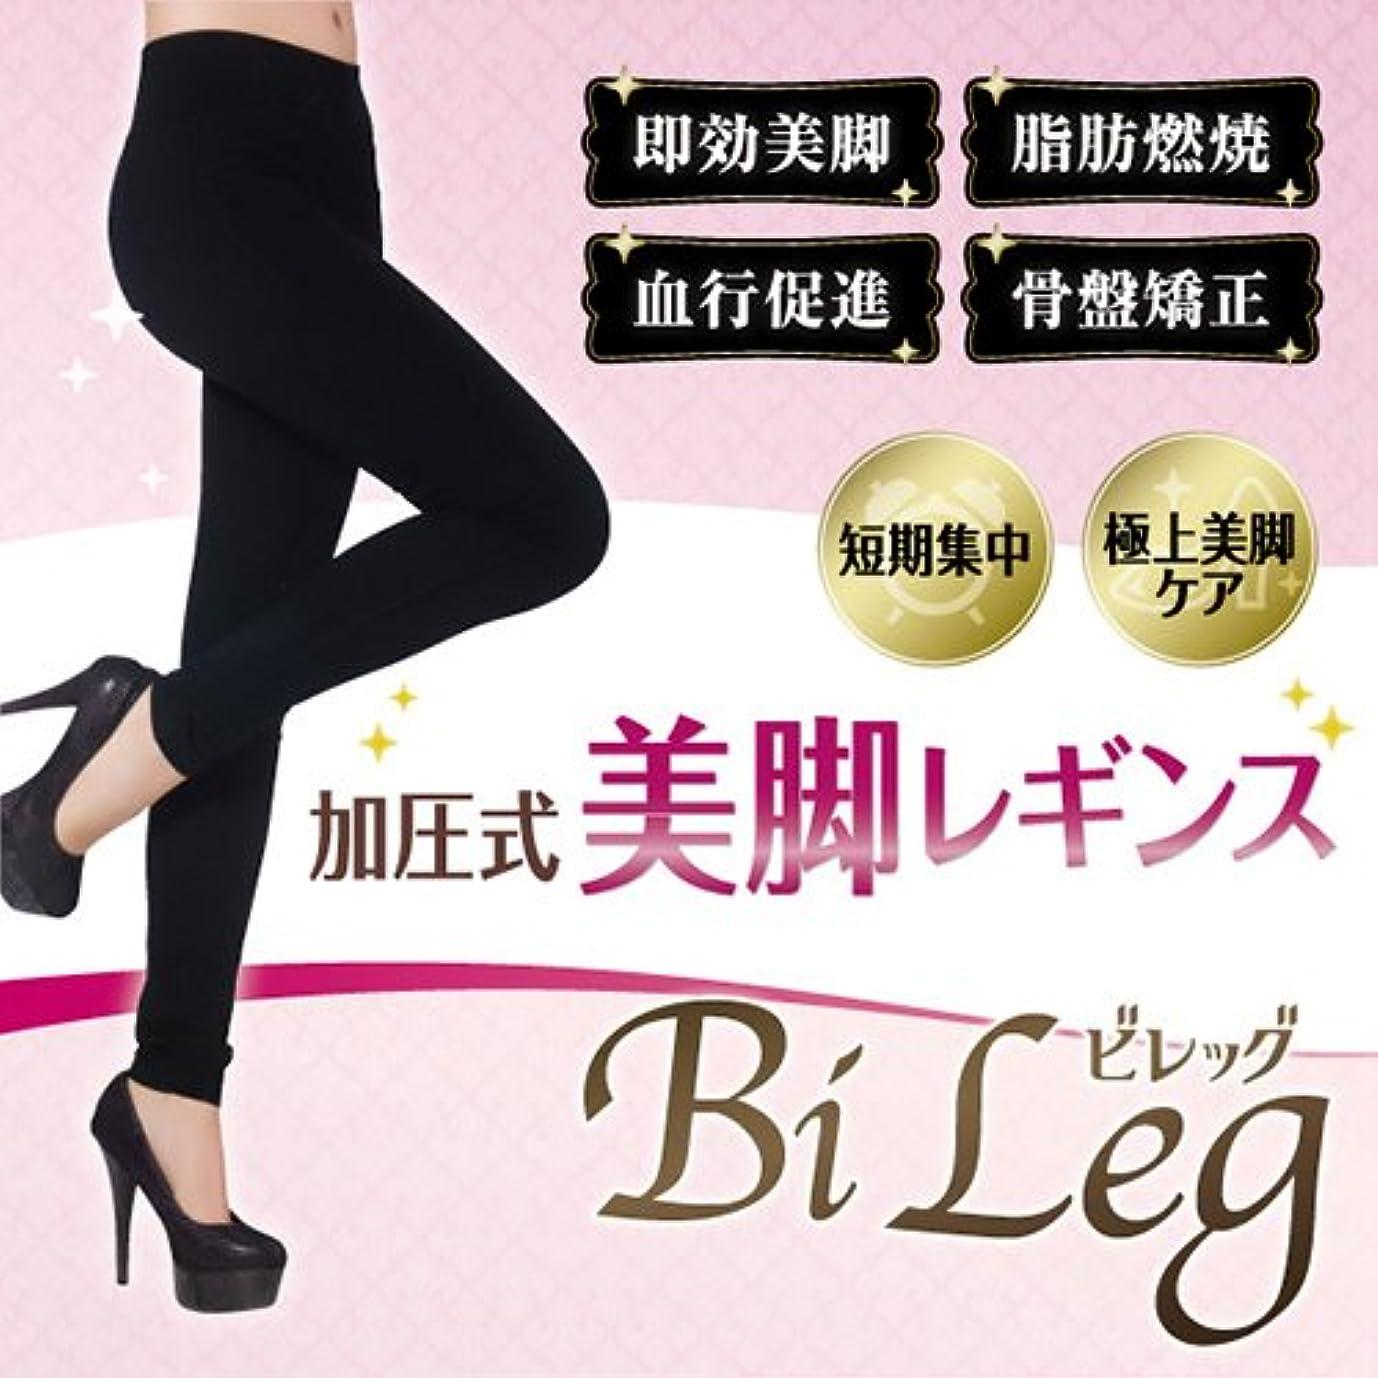 圧縮するお金ゴム拡大する【単品】Bi Leg-ビレッグ-